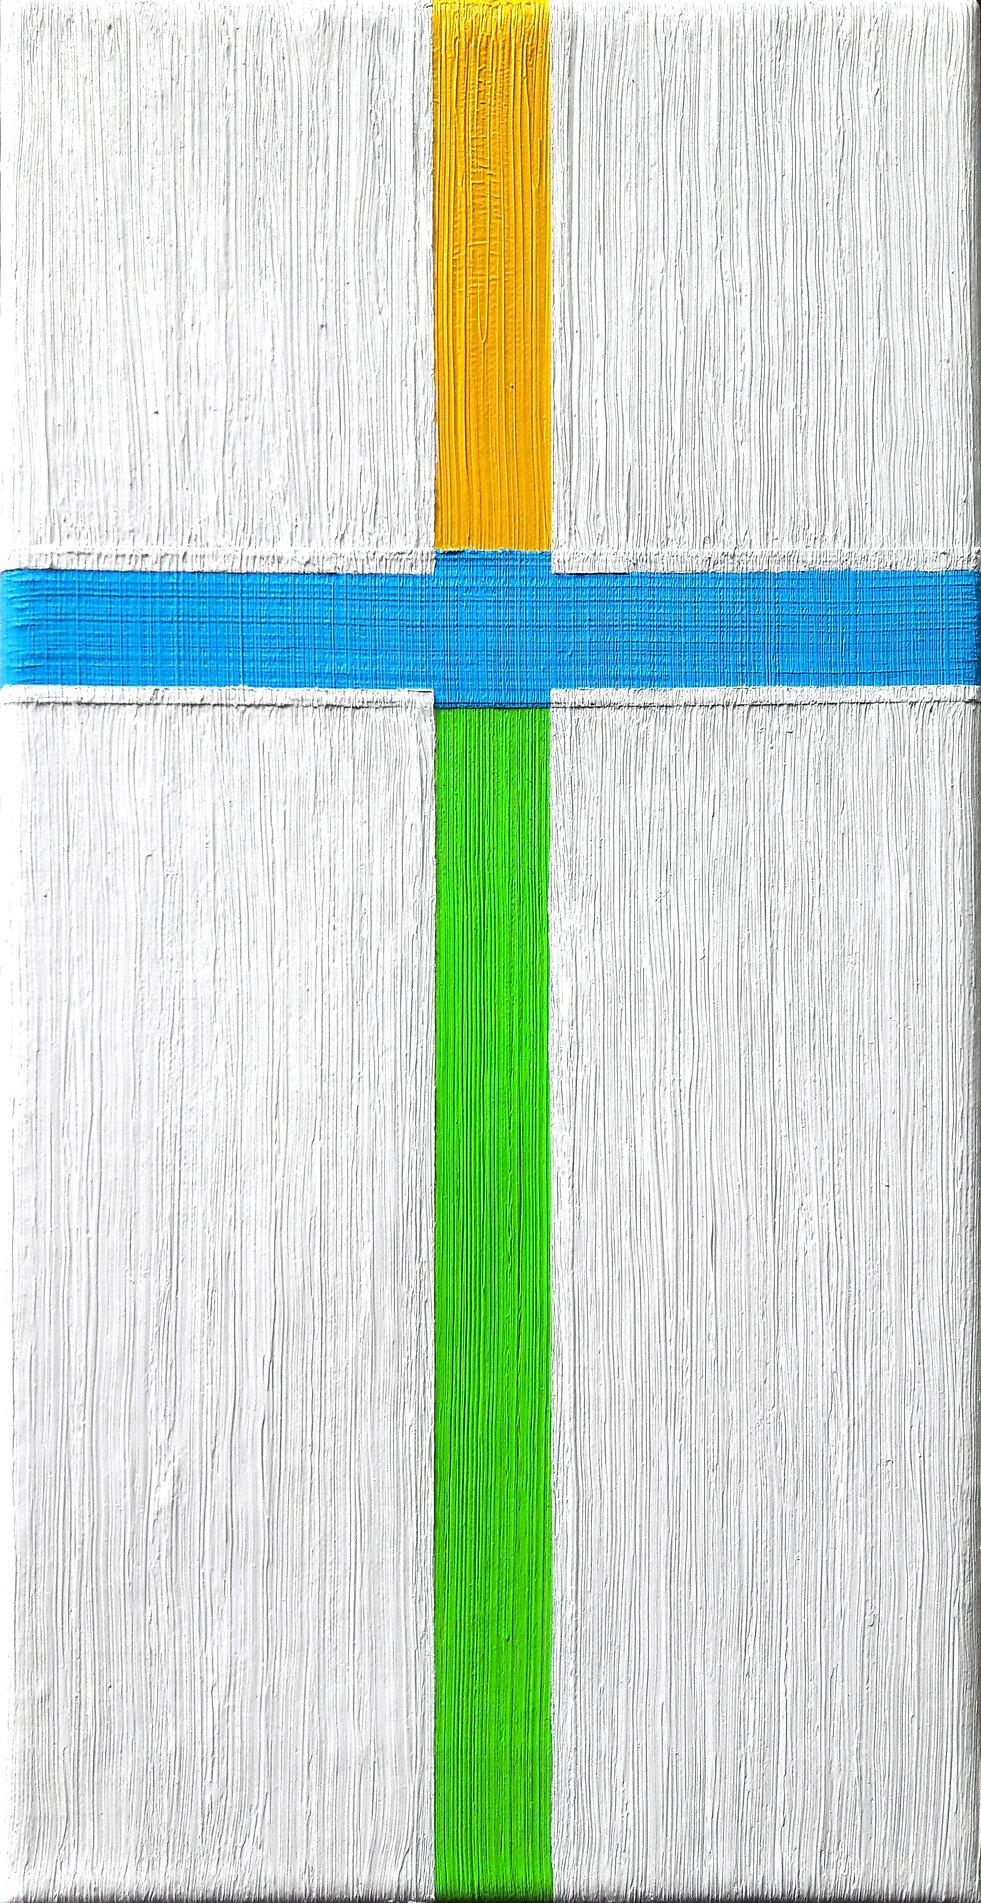 Christiaan Tonnis Christliches Kreuz 4